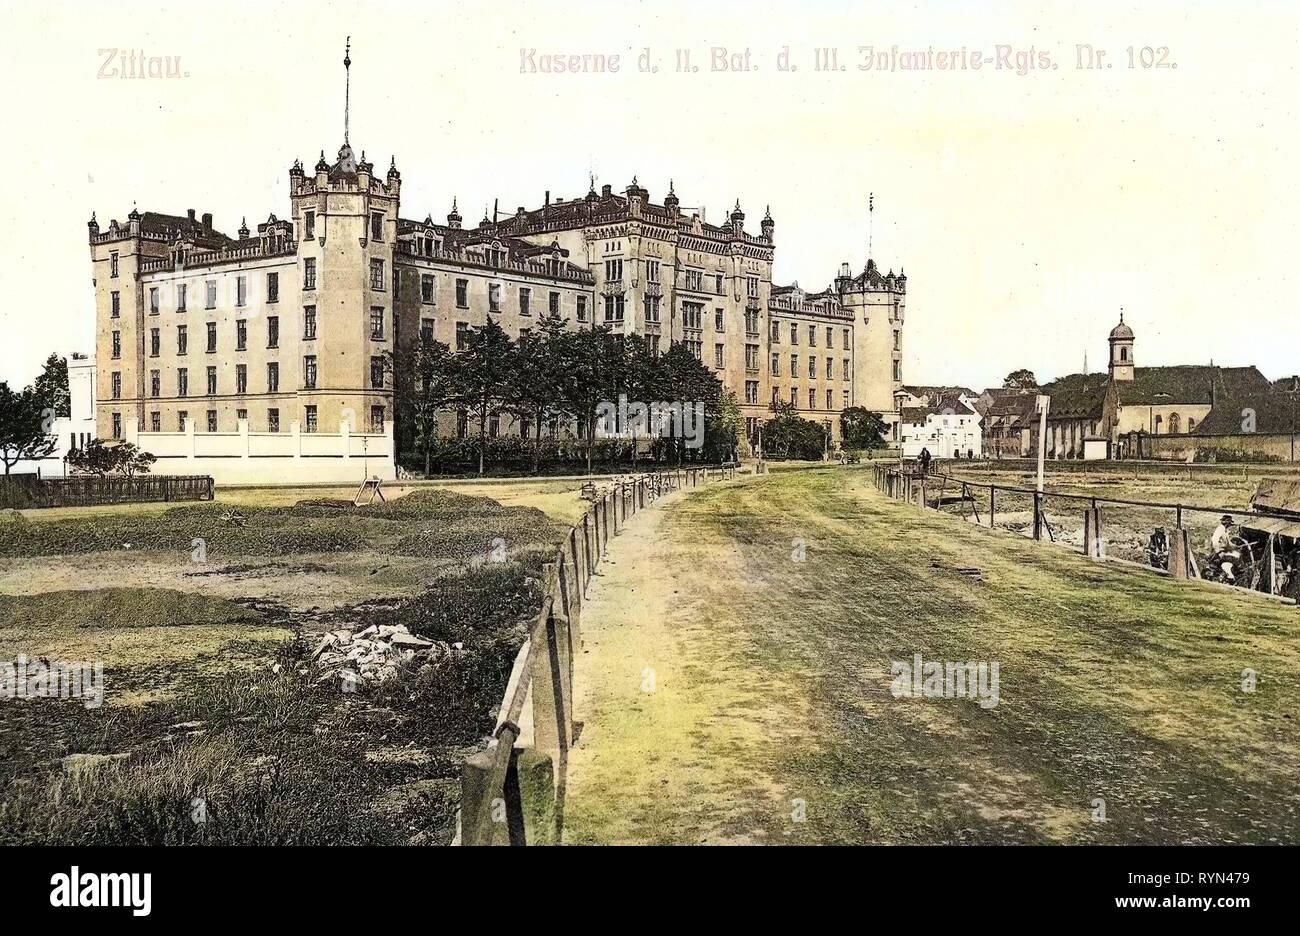 Military facilities of Germany, Infanterie-Regiment König Ludwig III. von Bayern (3. Königlich Sächsisches) Nr. 102, 1904, Landkreis Görlitz, Zittau, Kaserne des II. Bataillon des III. Infanterie, Regiment Nr. 102 Stock Photo